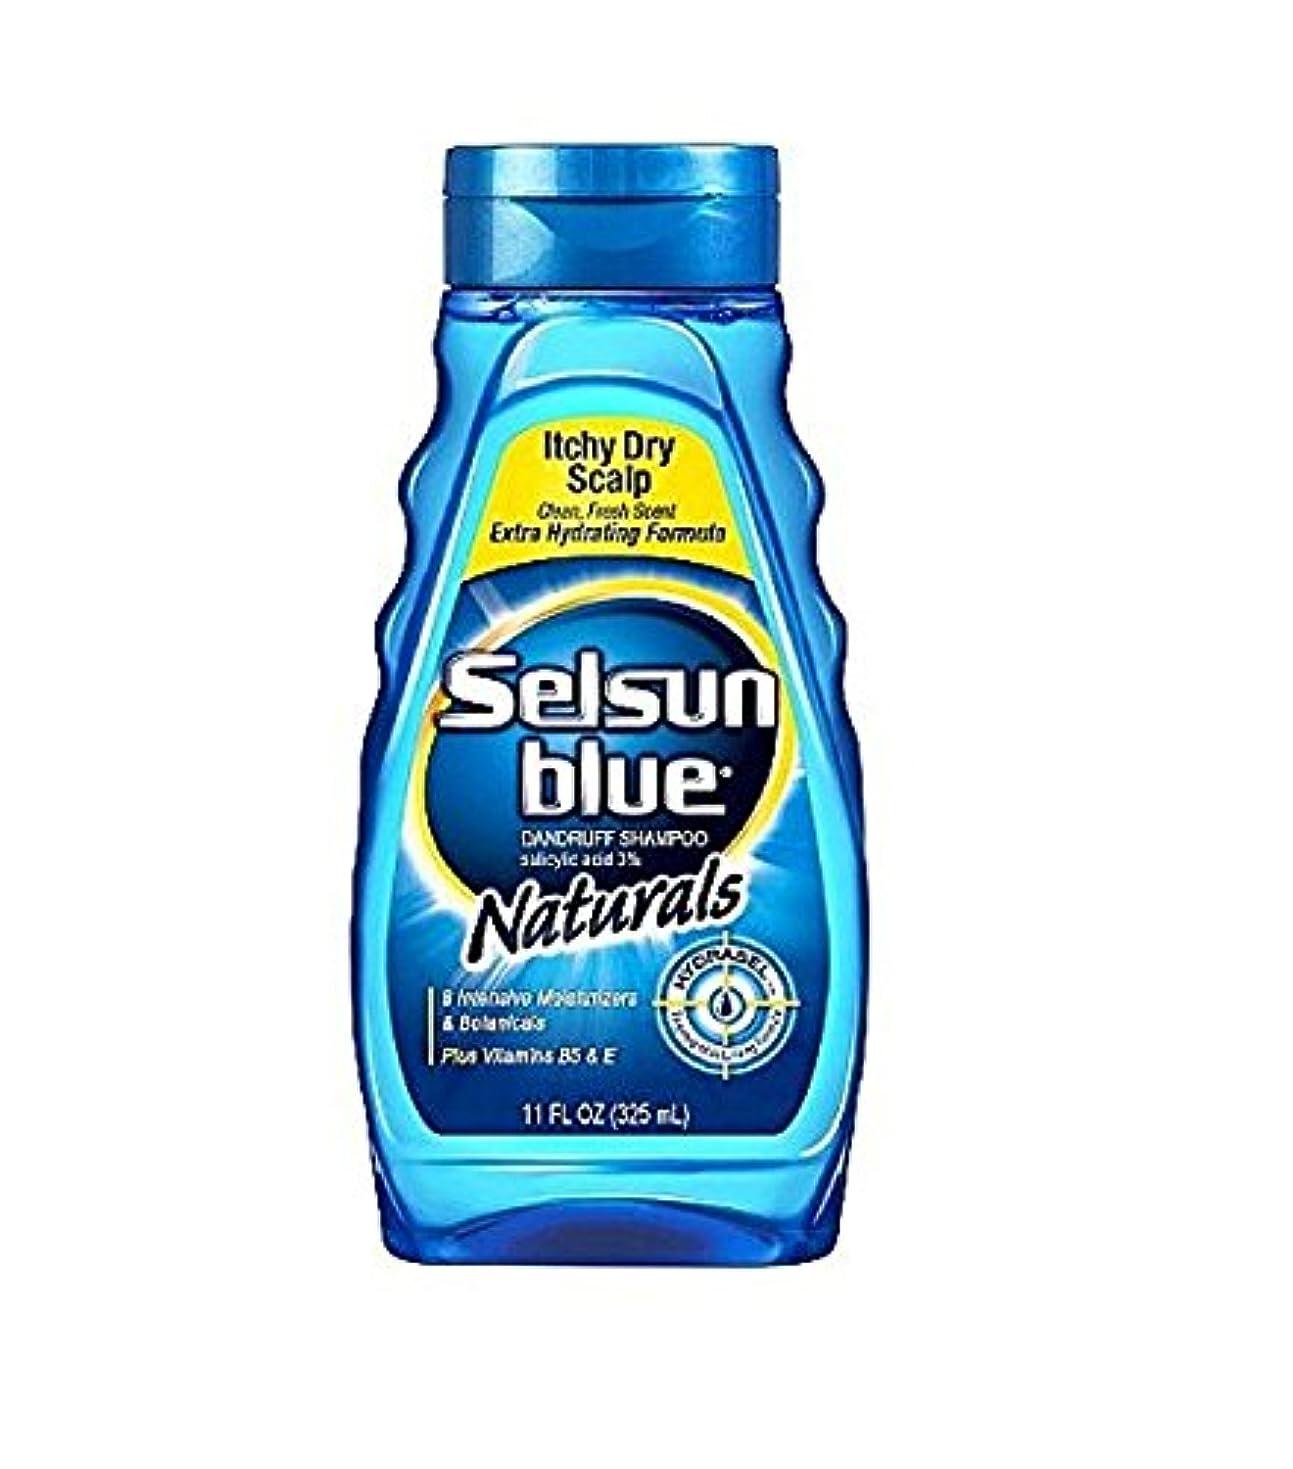 通行人換気するタンパク質Selsun Blue Naturals Dandruff Shampoo Itchy Dry Scalp 325 ml (並行輸入品)